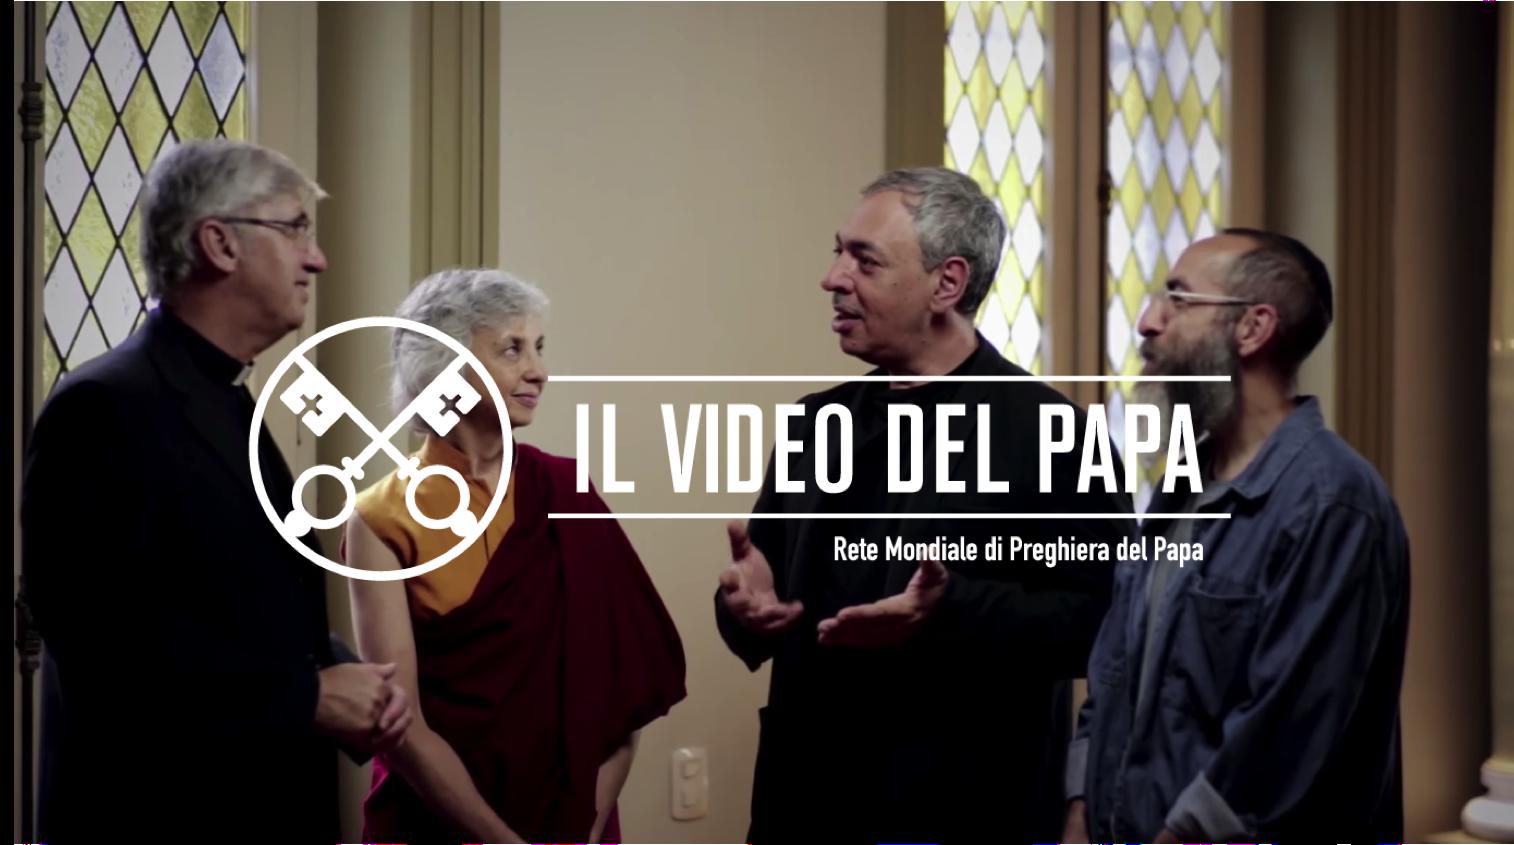 Gennaio: Dialogo Interreligioso